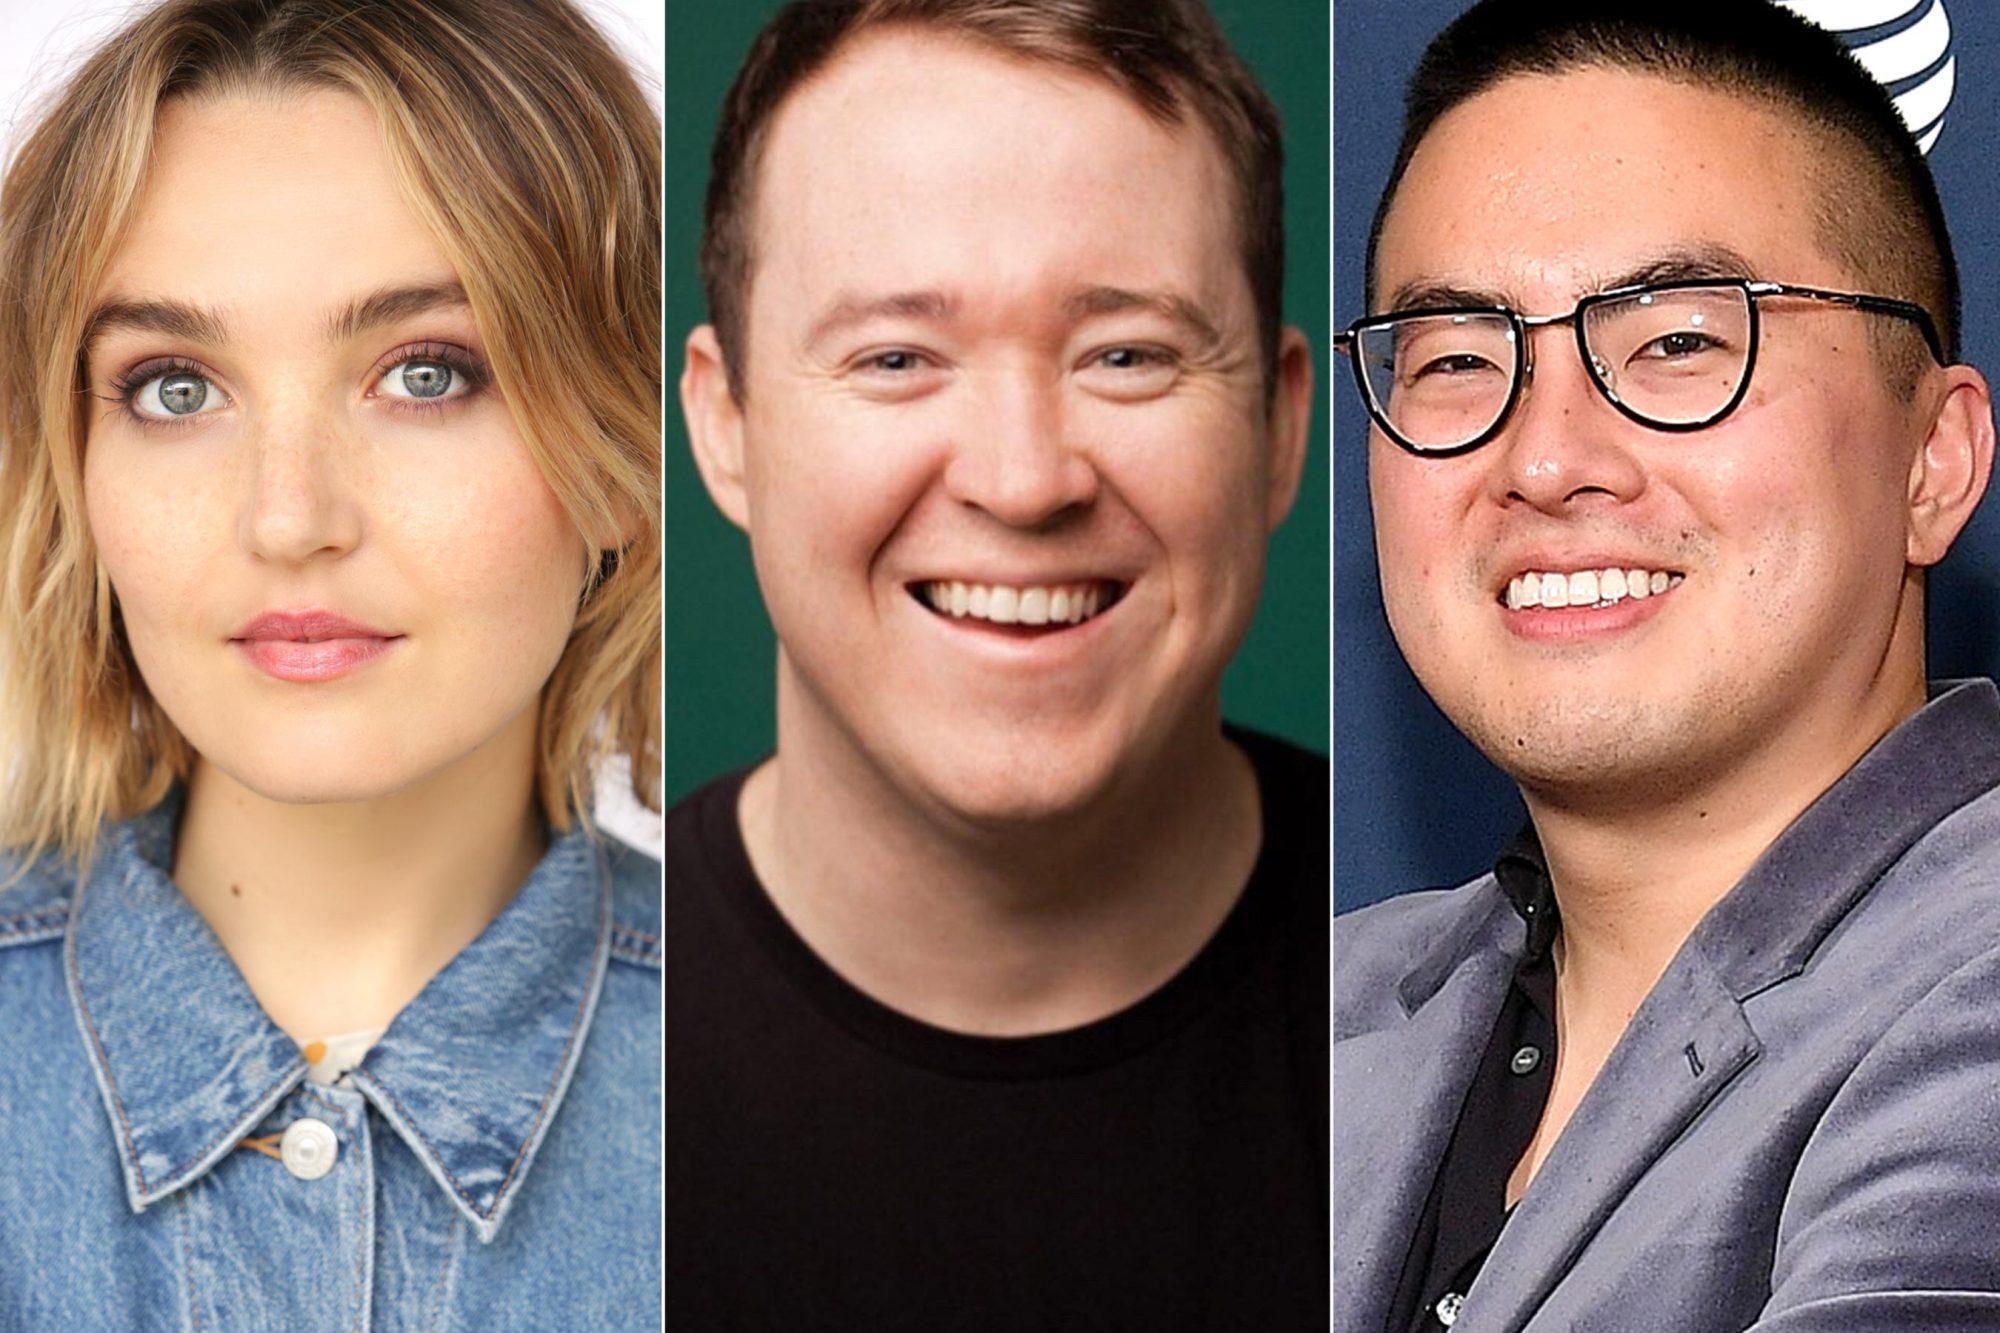 Chloe Fineman / Shane Gillis / Bowen Yang